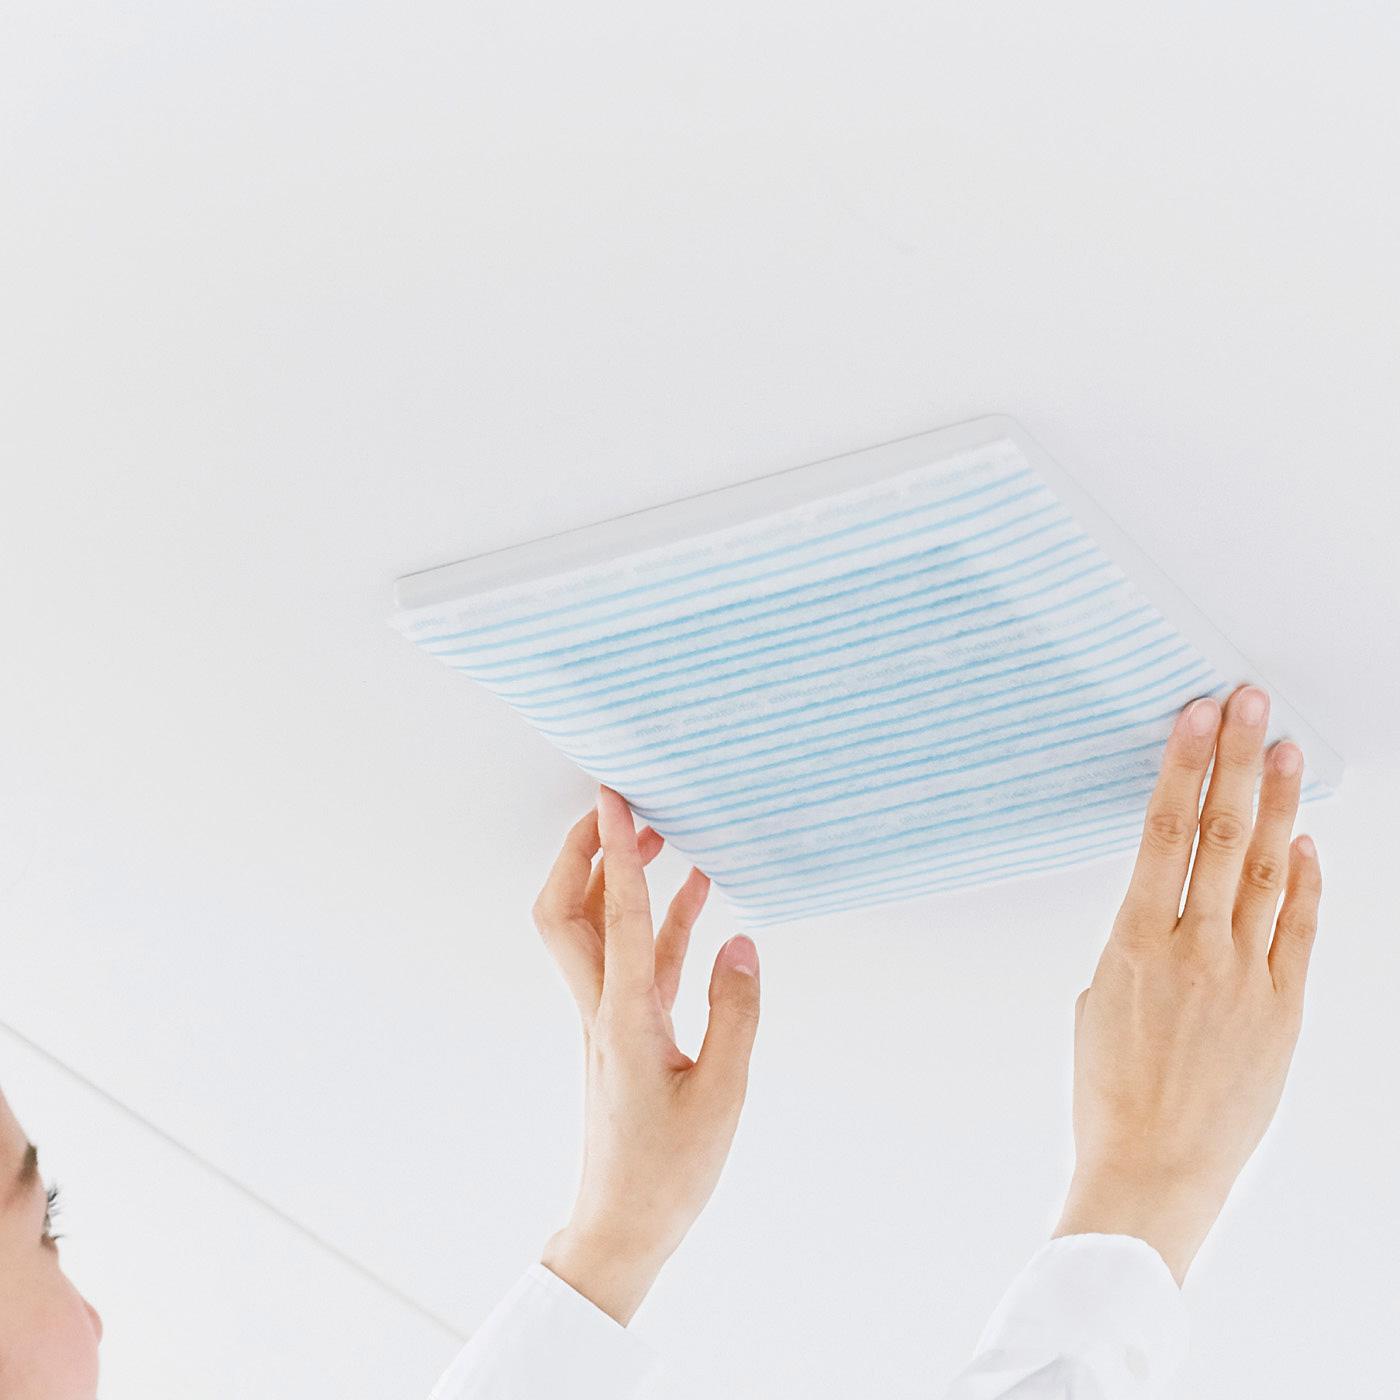 フェリシモ 細かいほこりもキャッチ 貼ればお掃除いらずな換気扇フィルターの会【定期便】